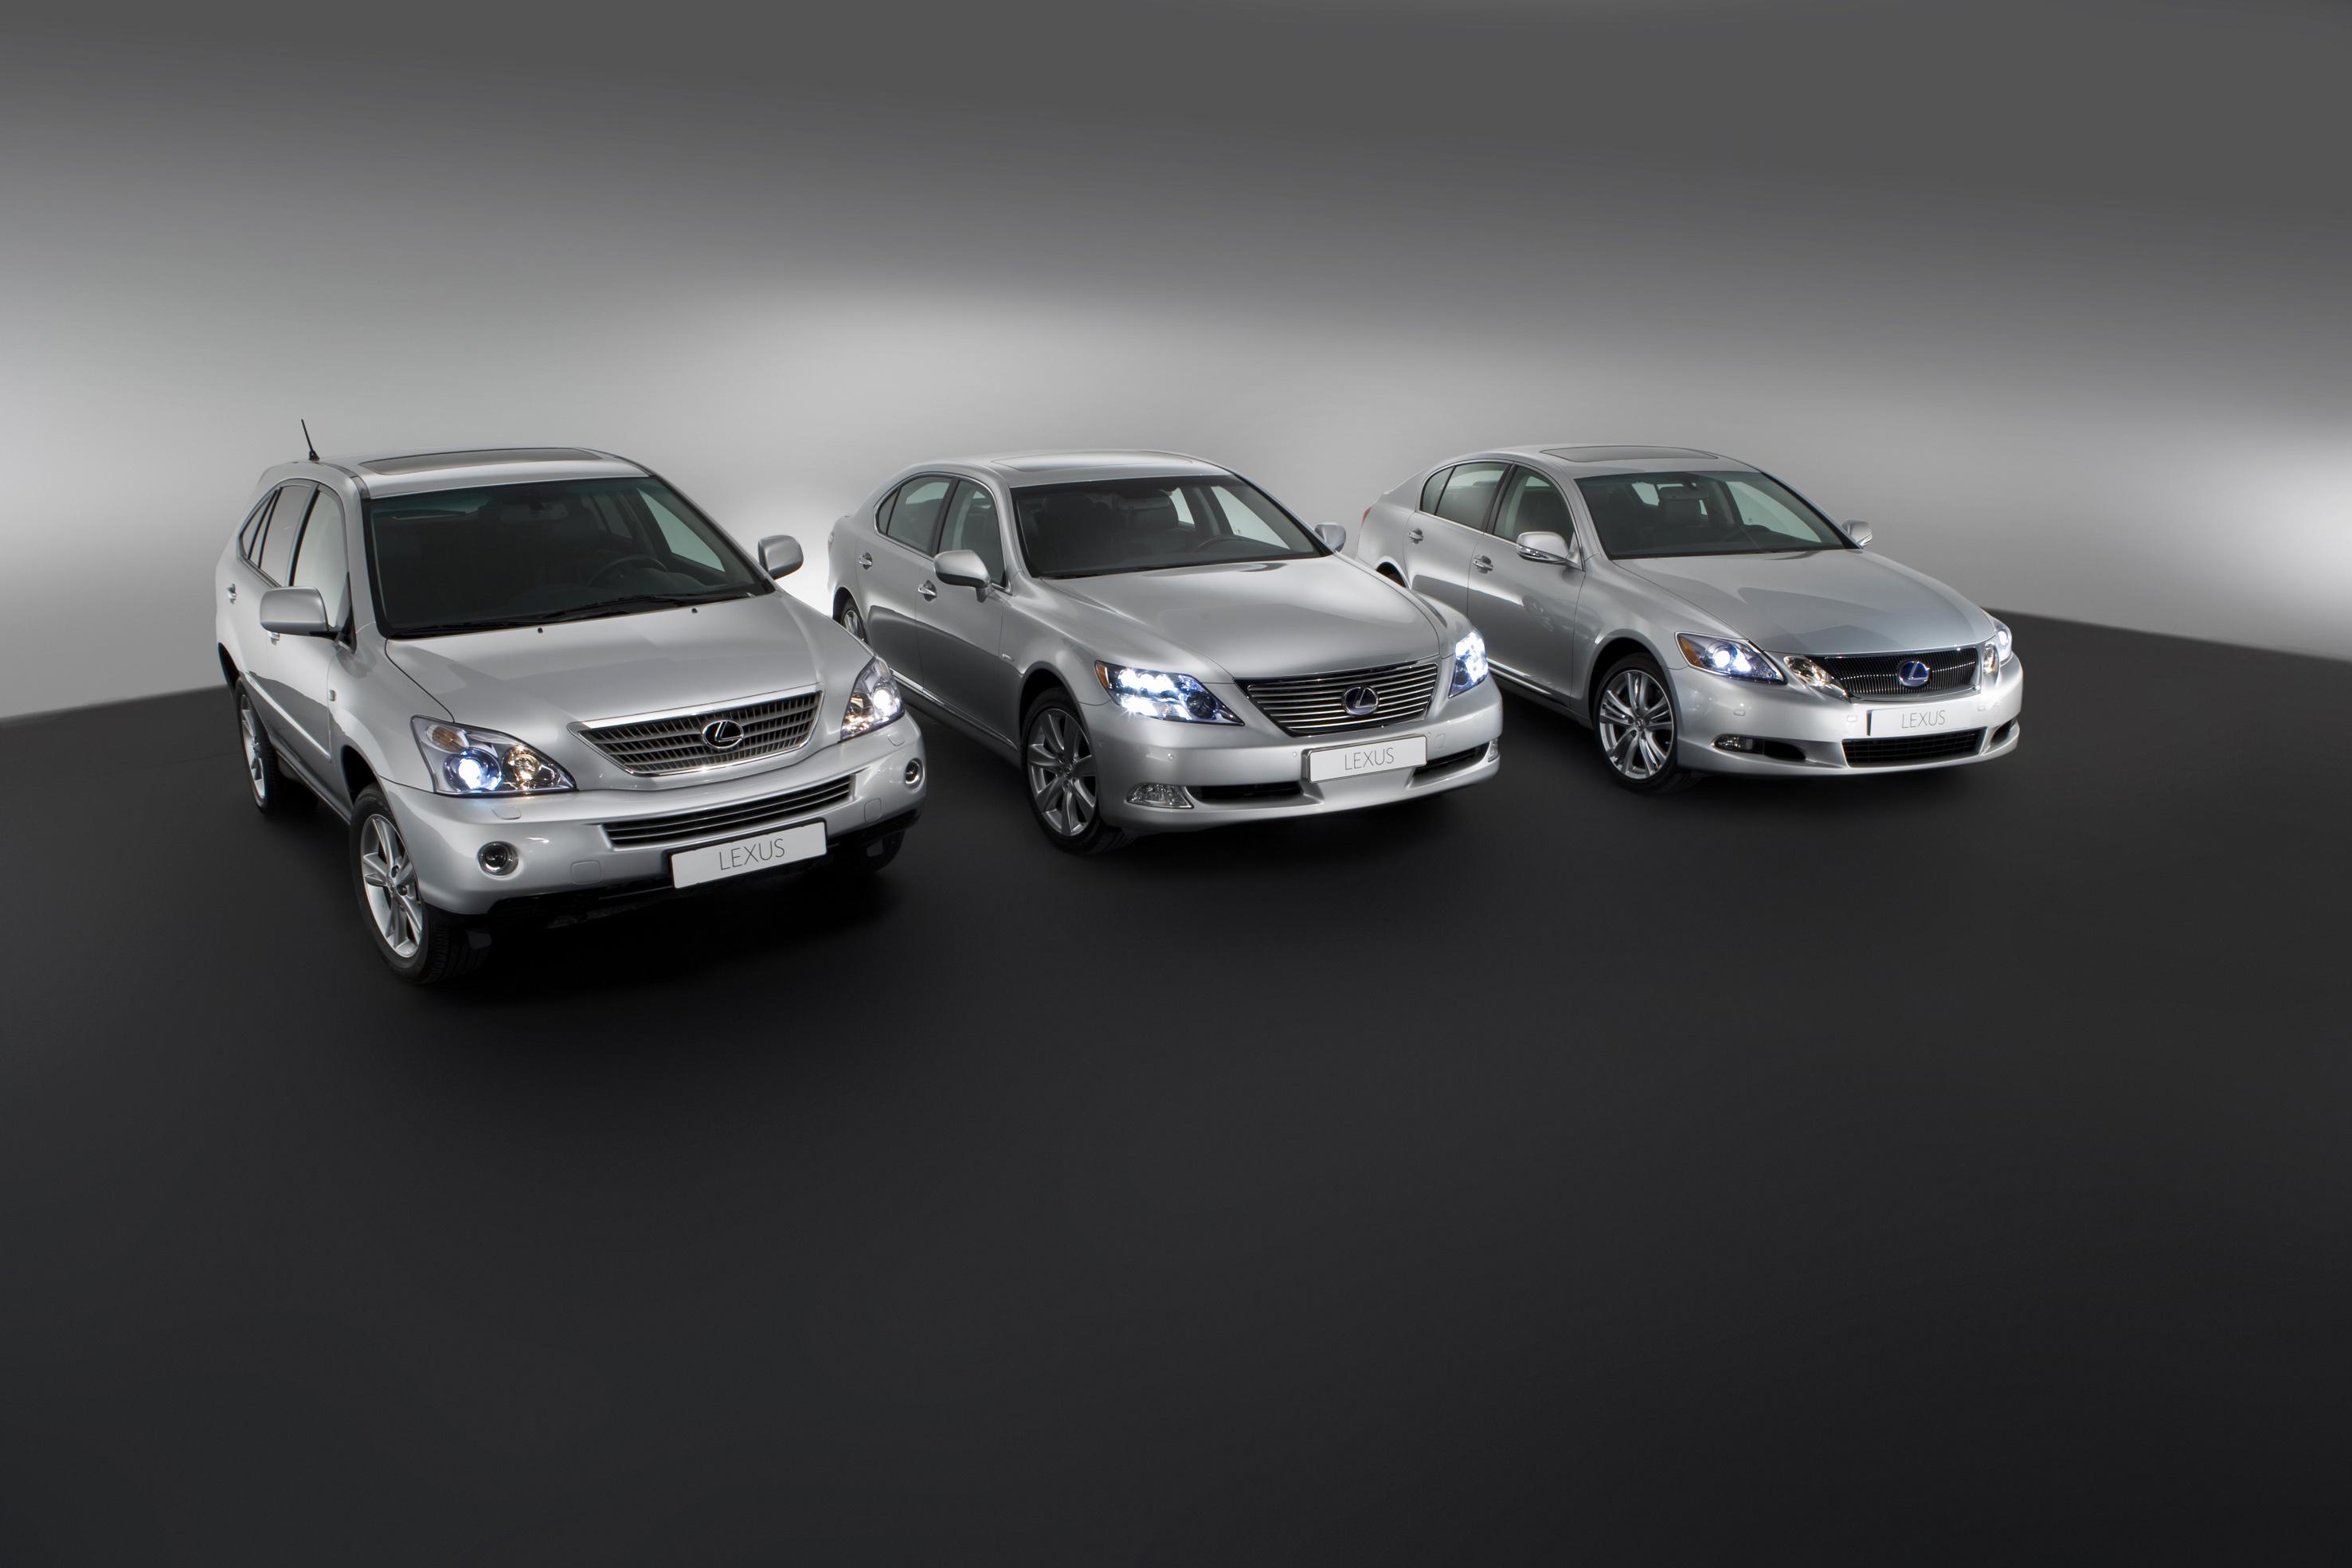 Lexus: a lineup and description